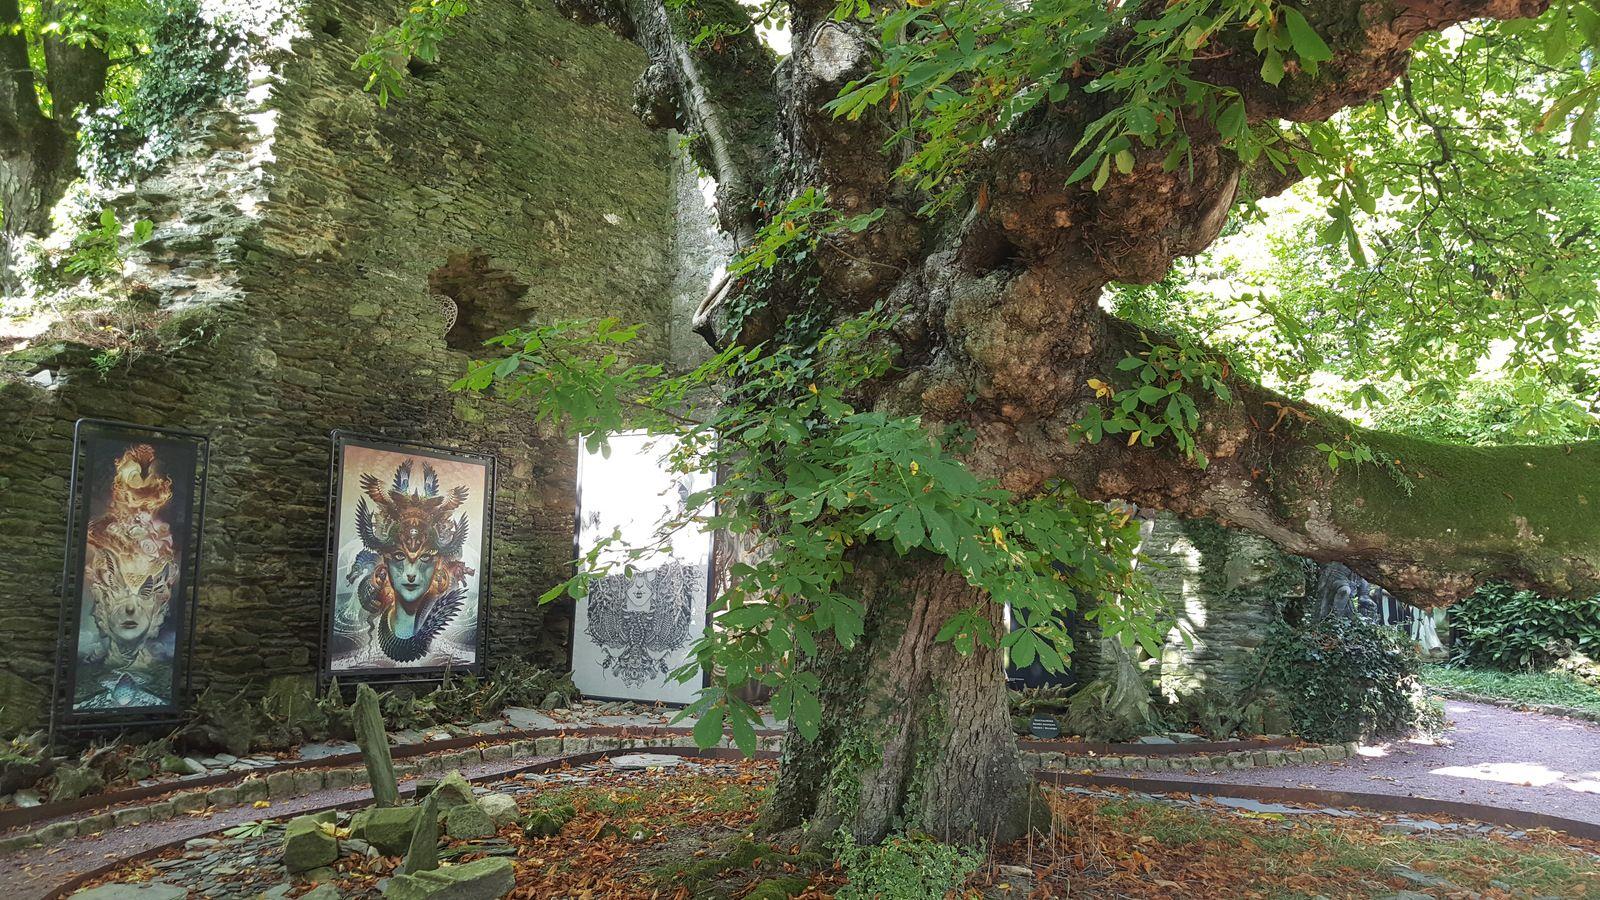 le Naïa Museum, musée des arts de l'Imaginaire, est installé depuis 2015 dans le chateau de Rochefort-en-Terre (56)